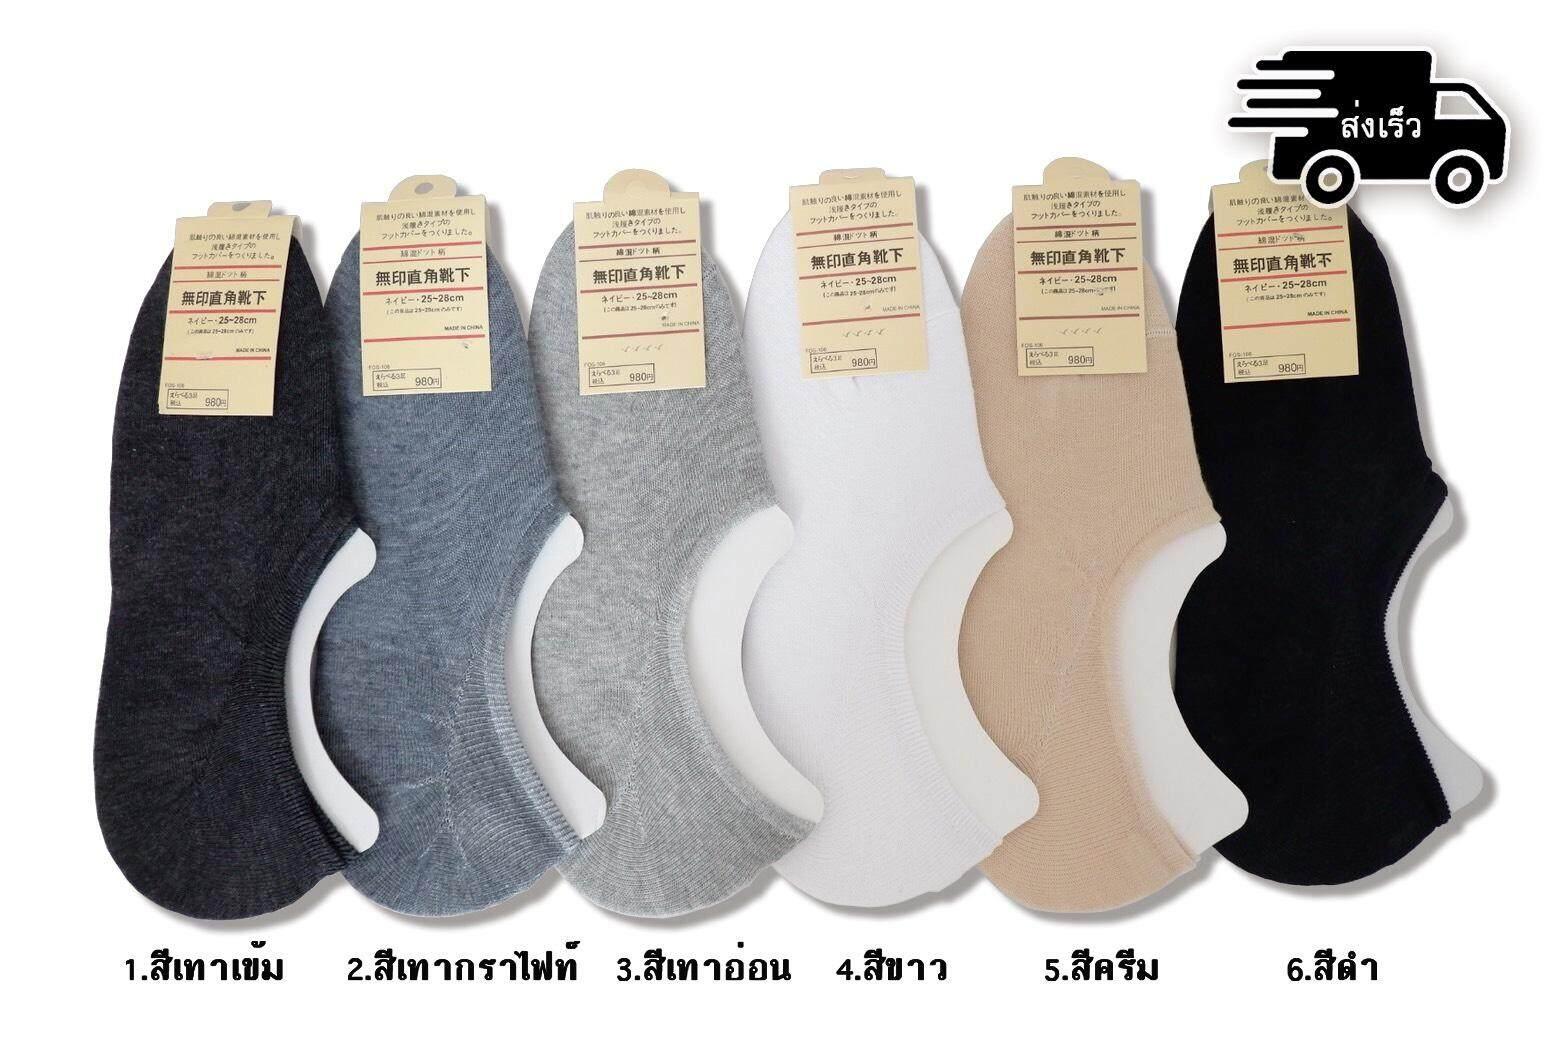 ถุงเท้าข้อสั้น ถุงเท้าทำงาน ถุงเท้าข้อต่ำ ถุงเท้าซ่อนขอบ เนื้อผ้าคอตตอนนิ่ม ใส่ได้ทั้งชายและหญิง By S3shop.